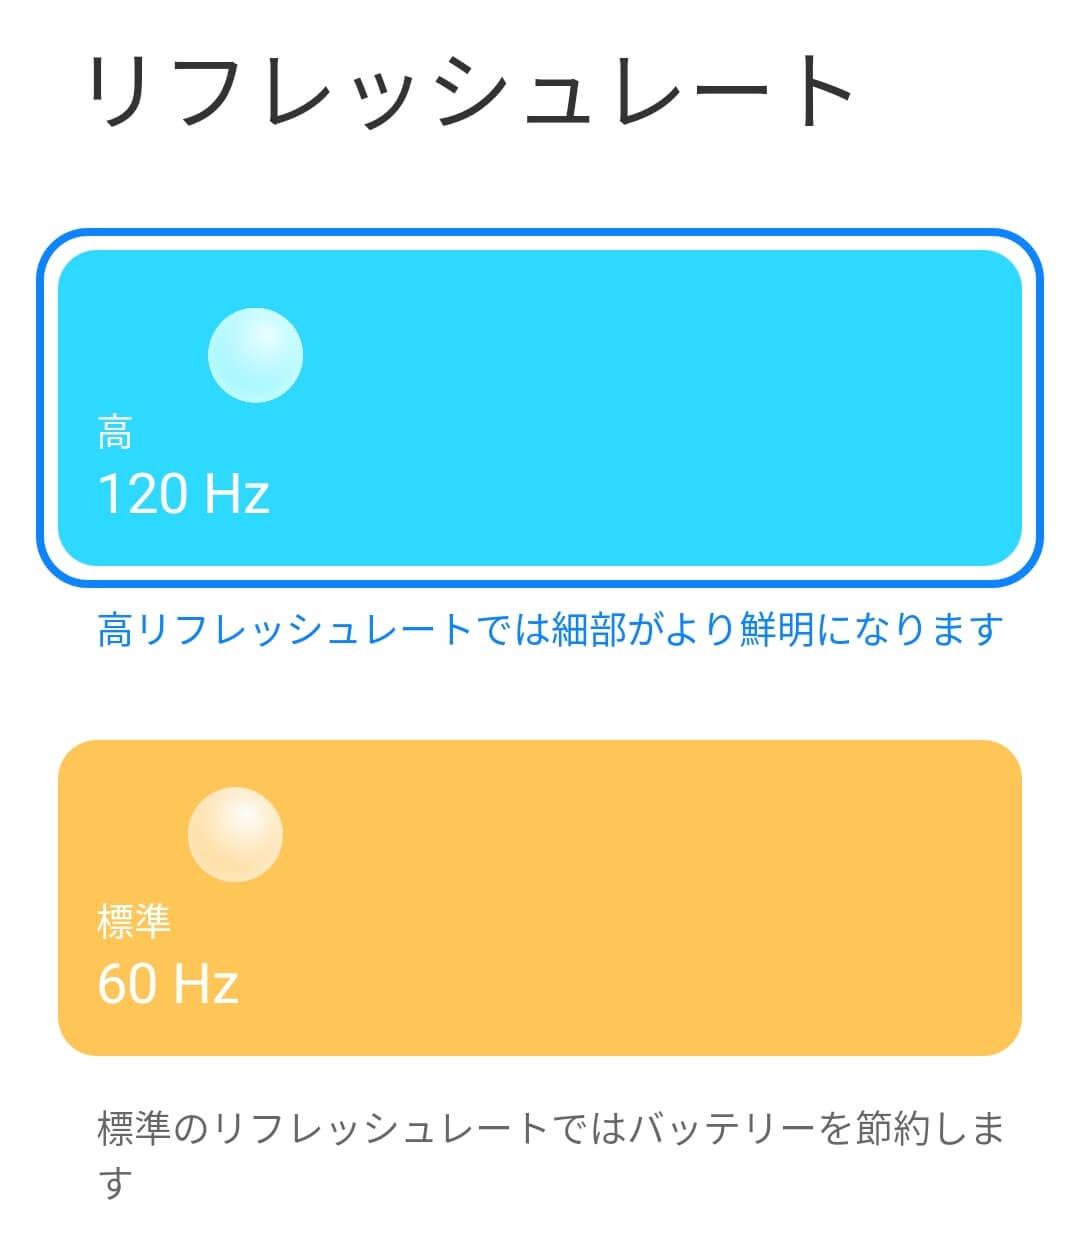 Redmi Note 10 Proのリフレッシュレートを120Hzに設定して電池もちを検証